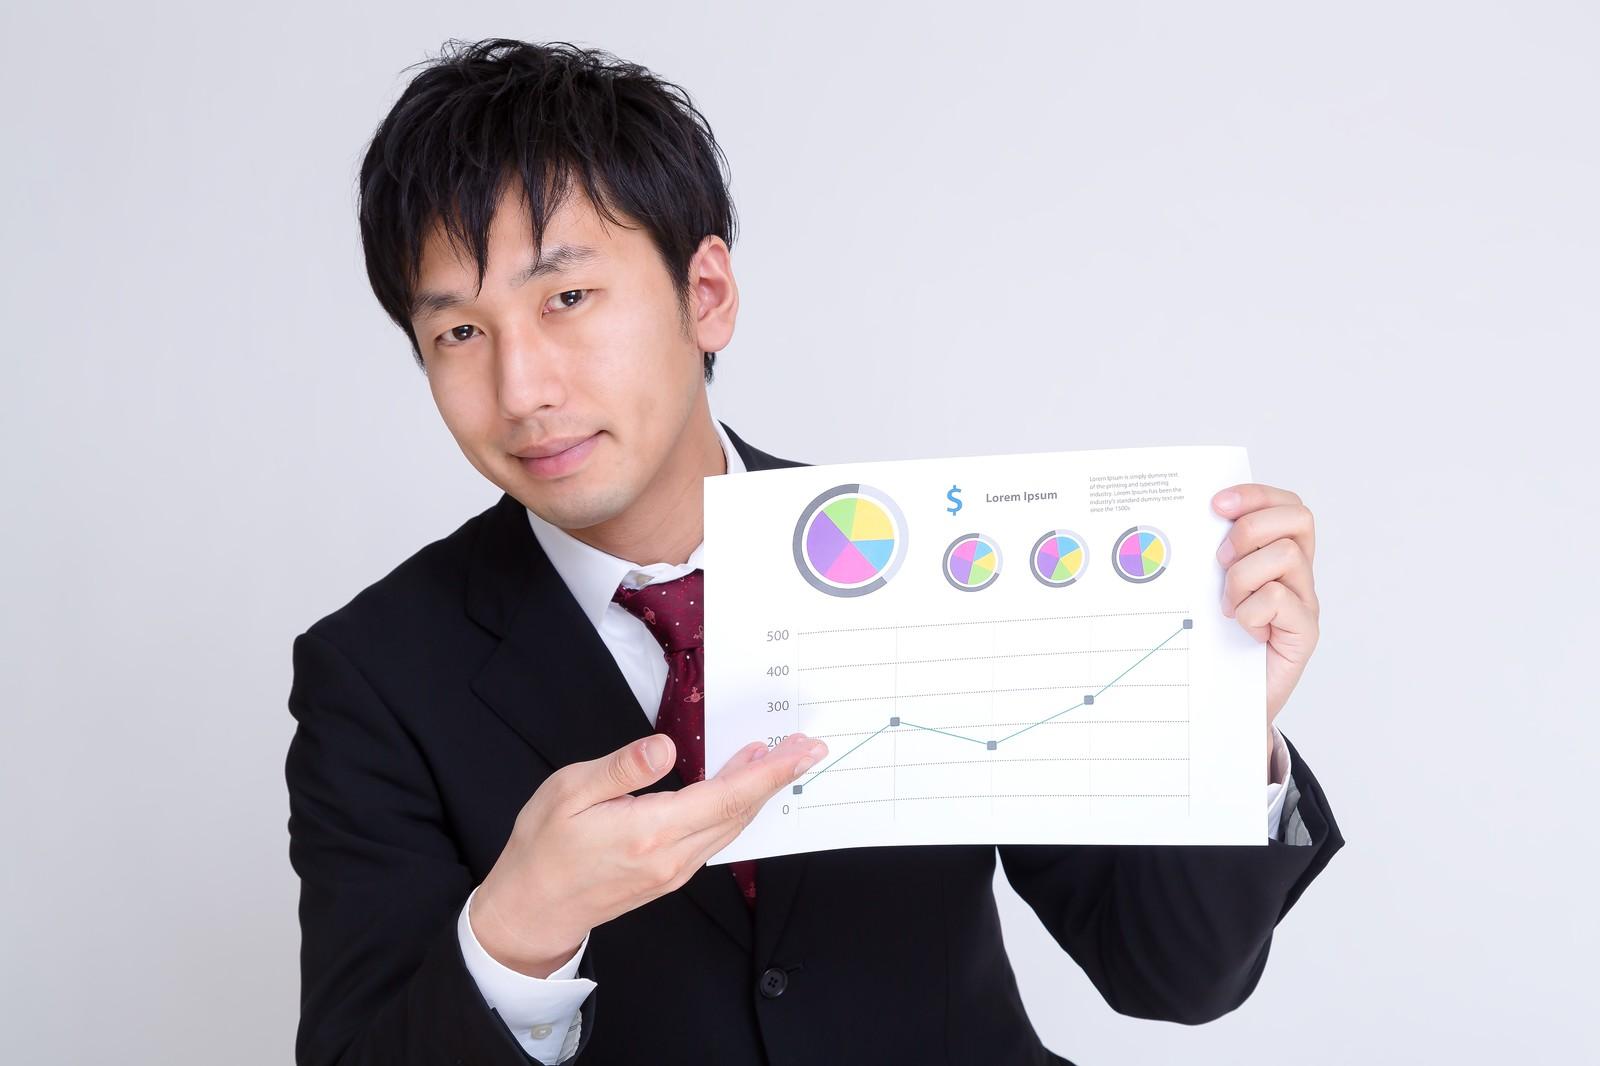 【すぐにジャカルタへ!】最も勢いのある日本の人材会社の1つが高水準の待遇で「営業職」を急募しています!